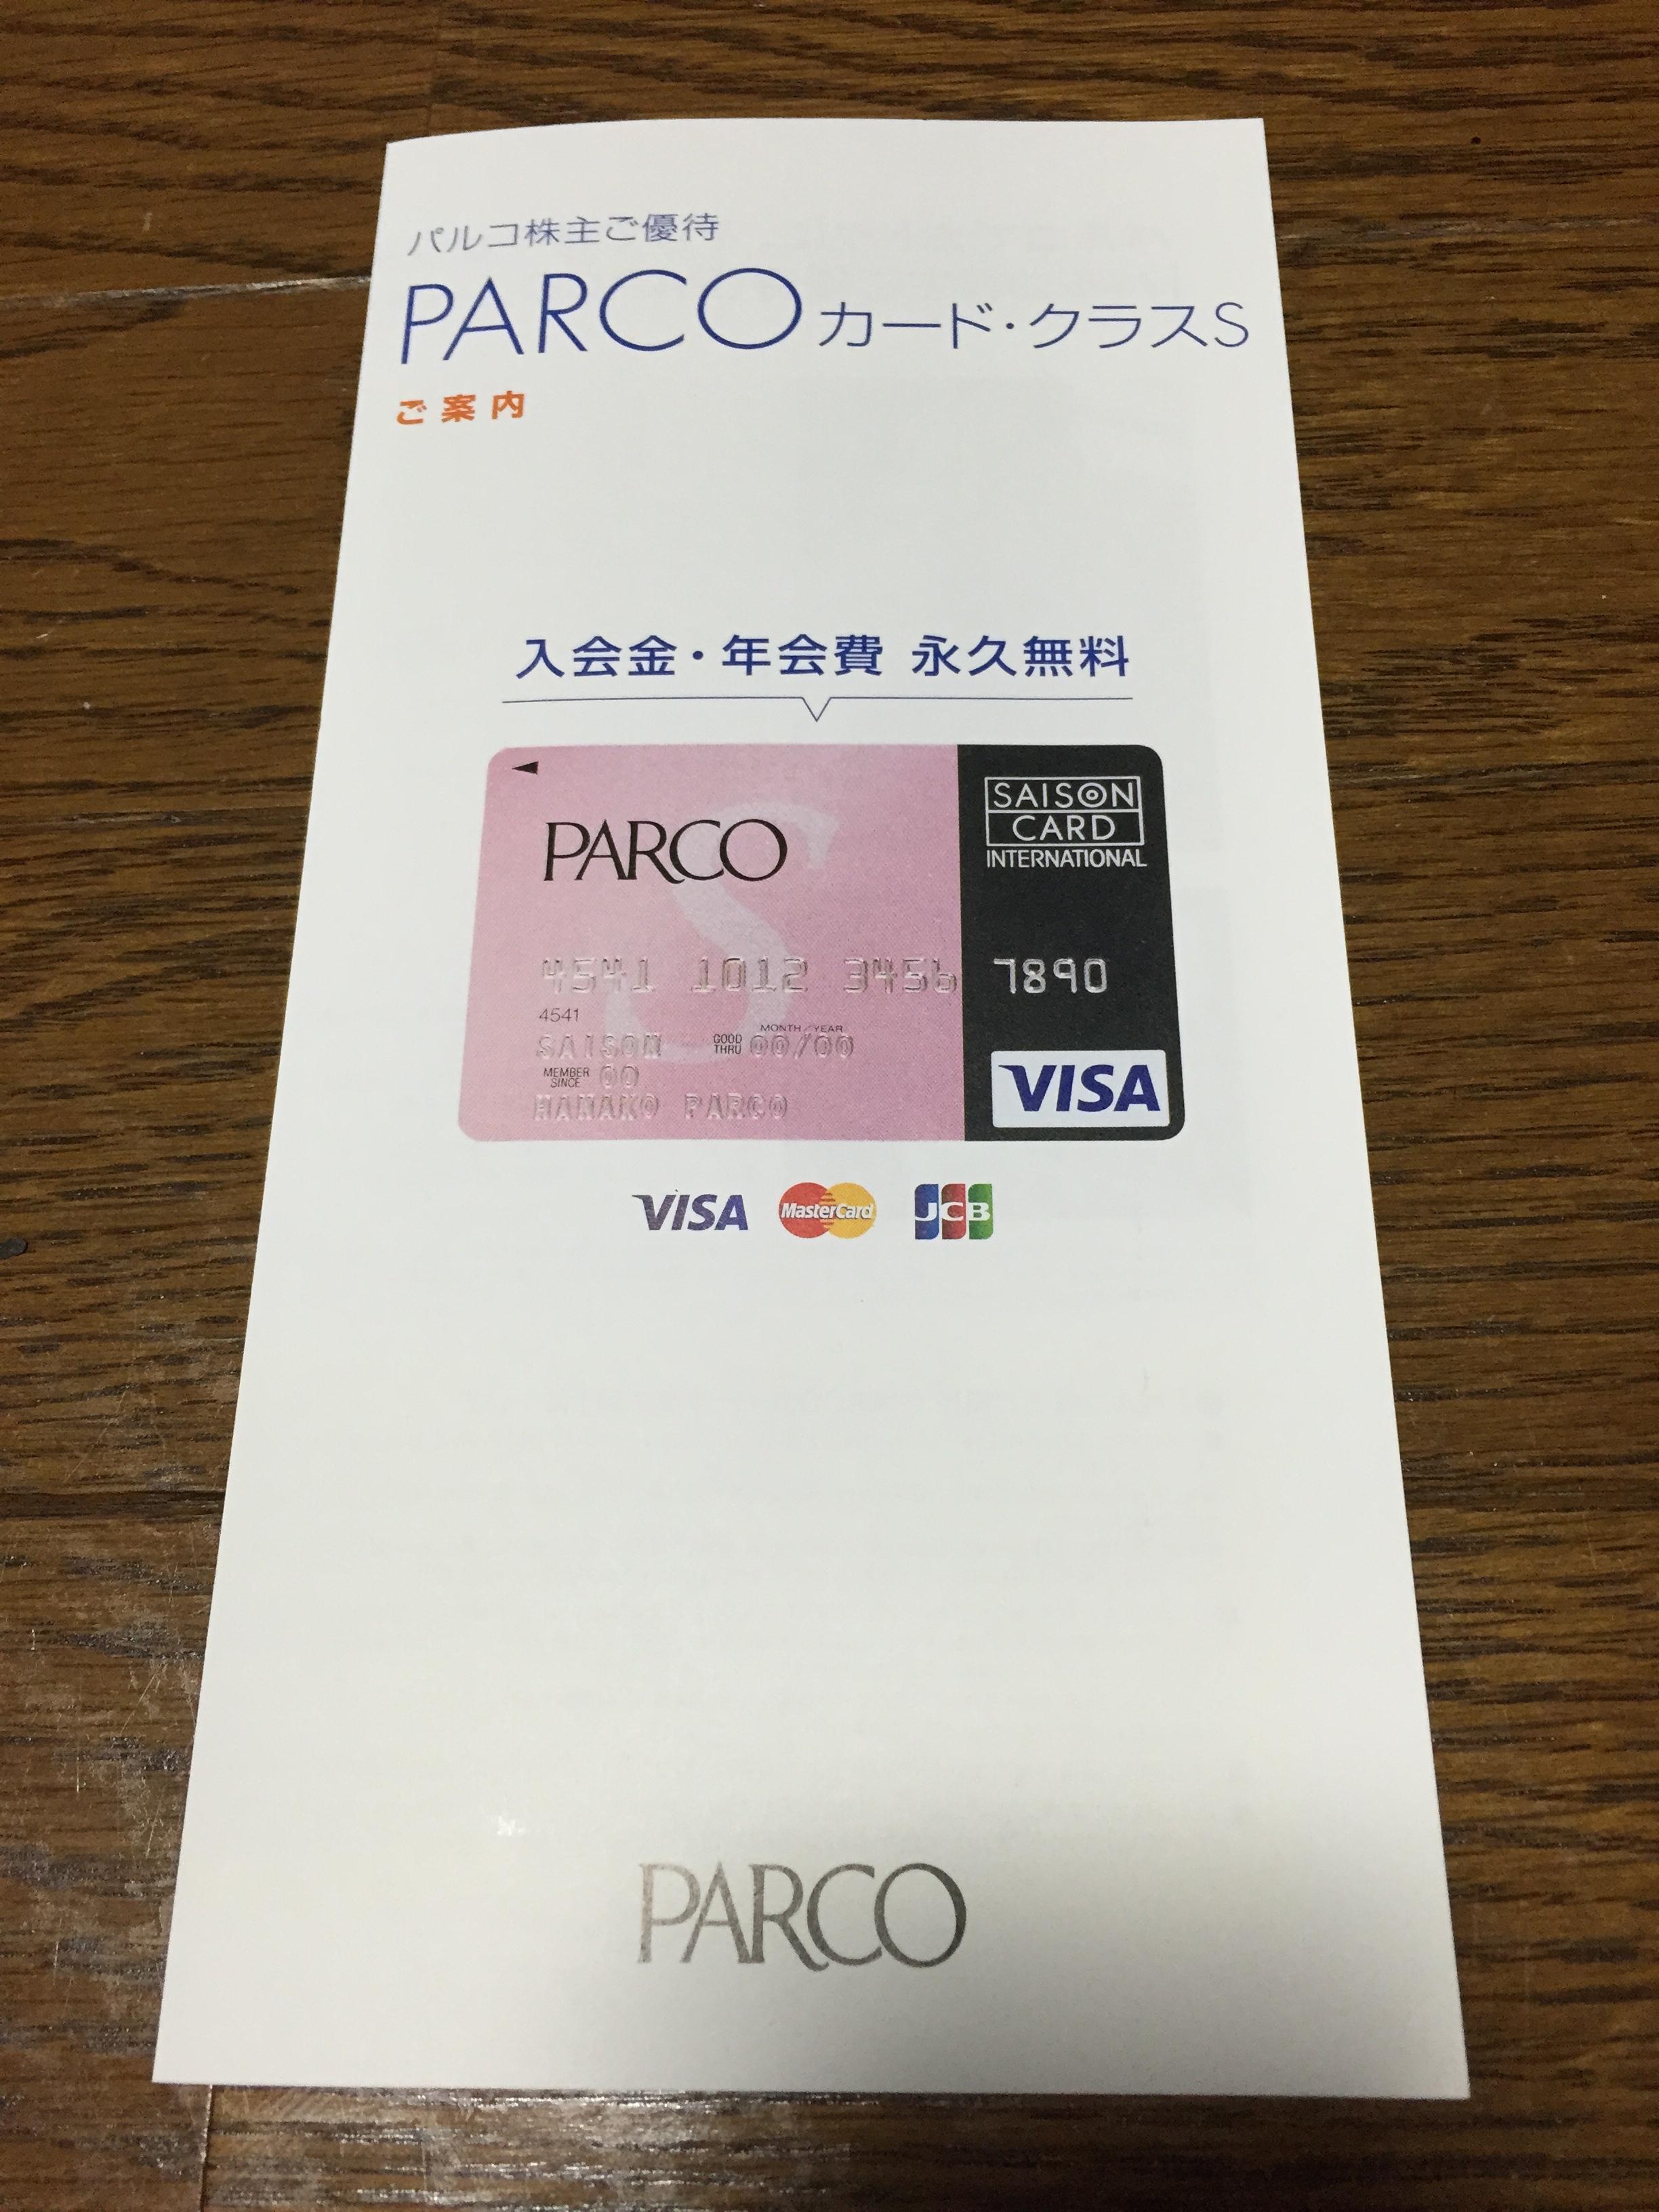 パルコ (8251) の株主優待が到着!! 変更前のため映画館のチケットを2枚貰えました